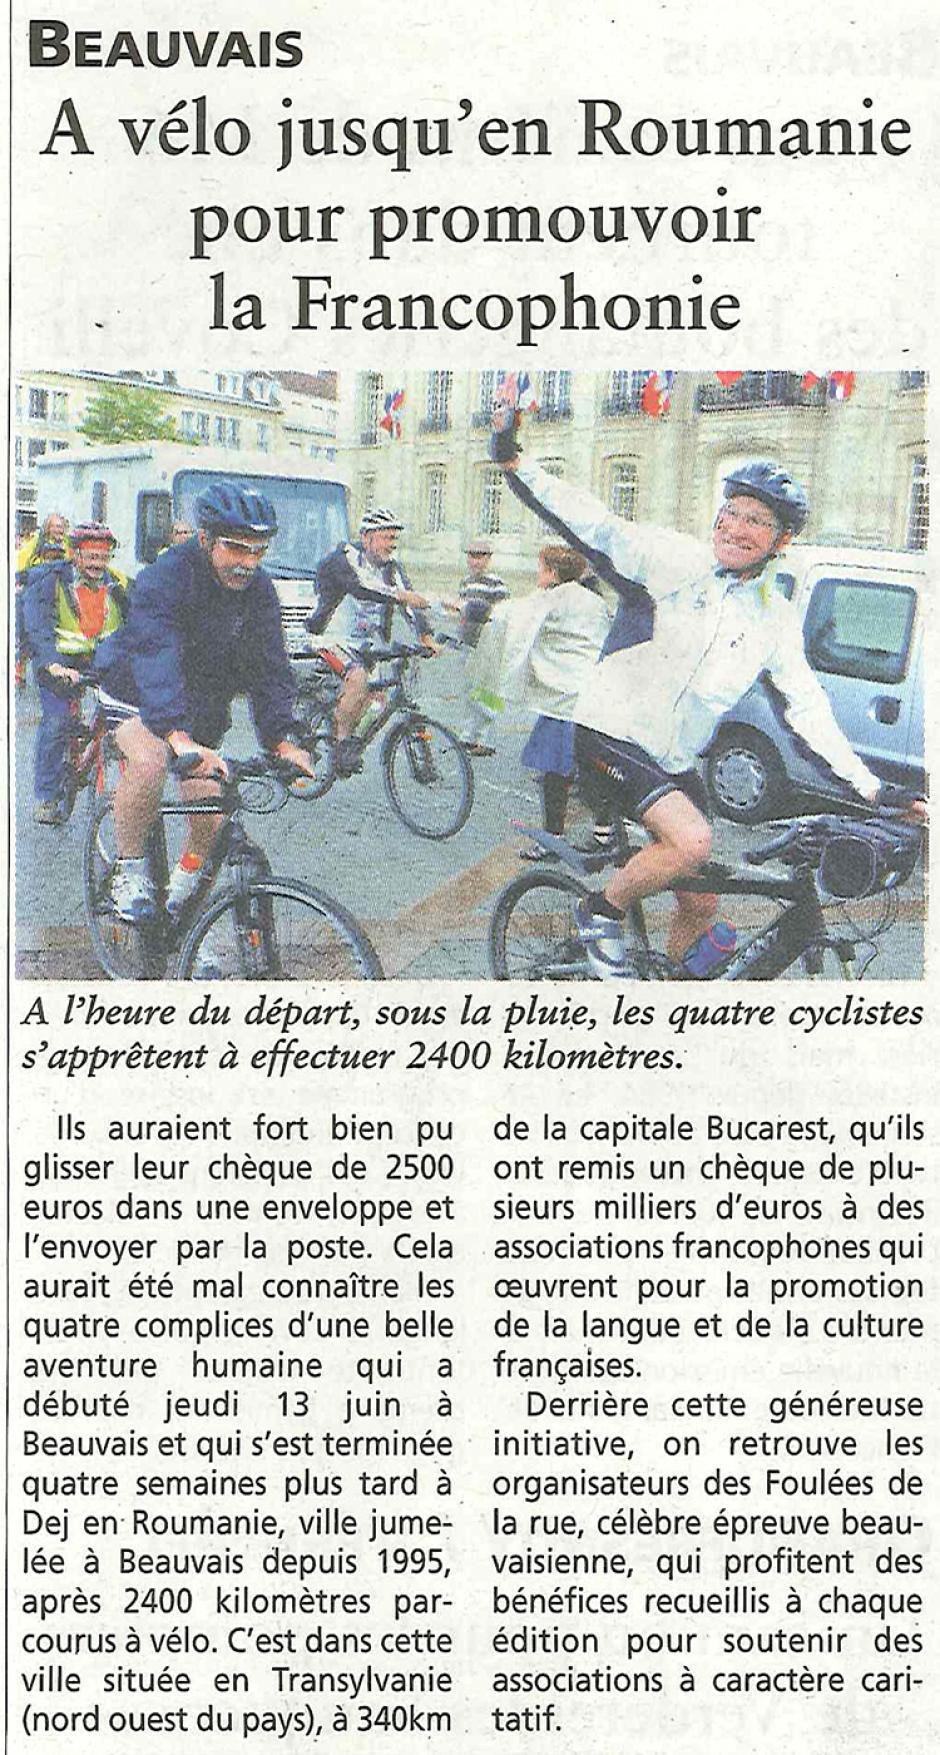 20131231-OH-Beauvais-La rétro du bonheur : À vélo jusqu'en Roumanie pour promouvoir la francophonie